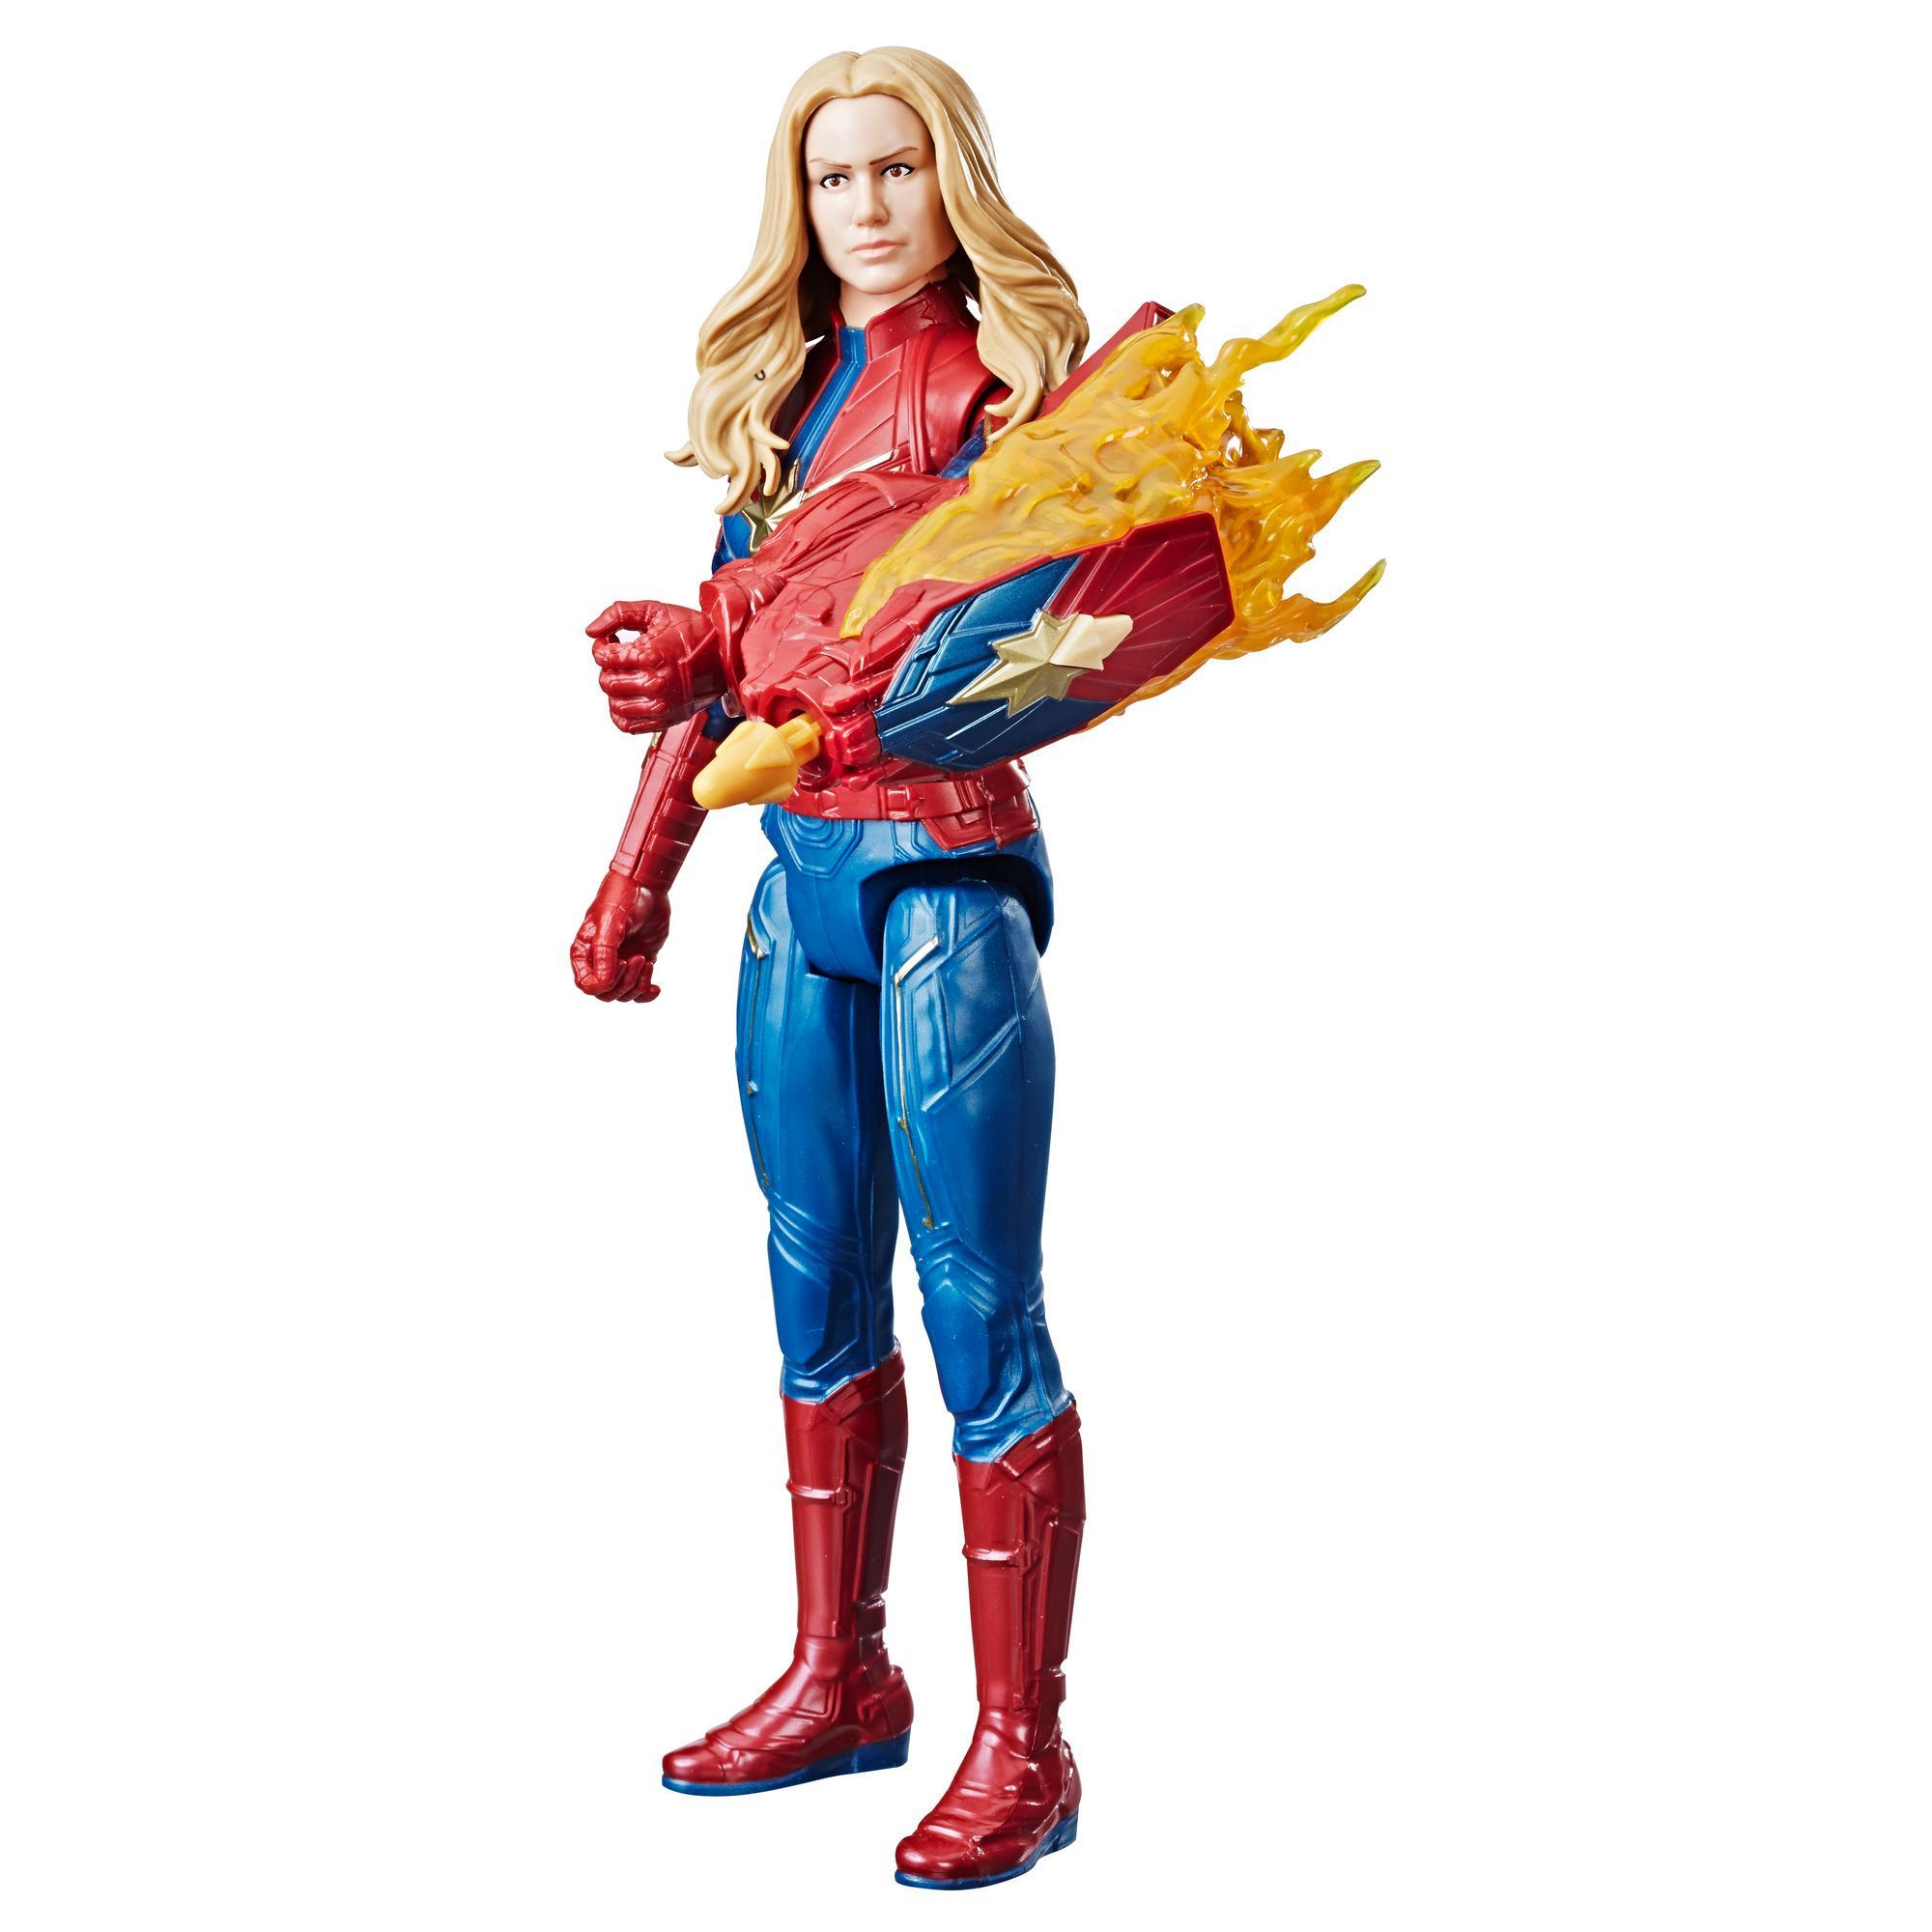 Marvel Avengers: Endgame - Titan Hero Power FX Captain Marvel